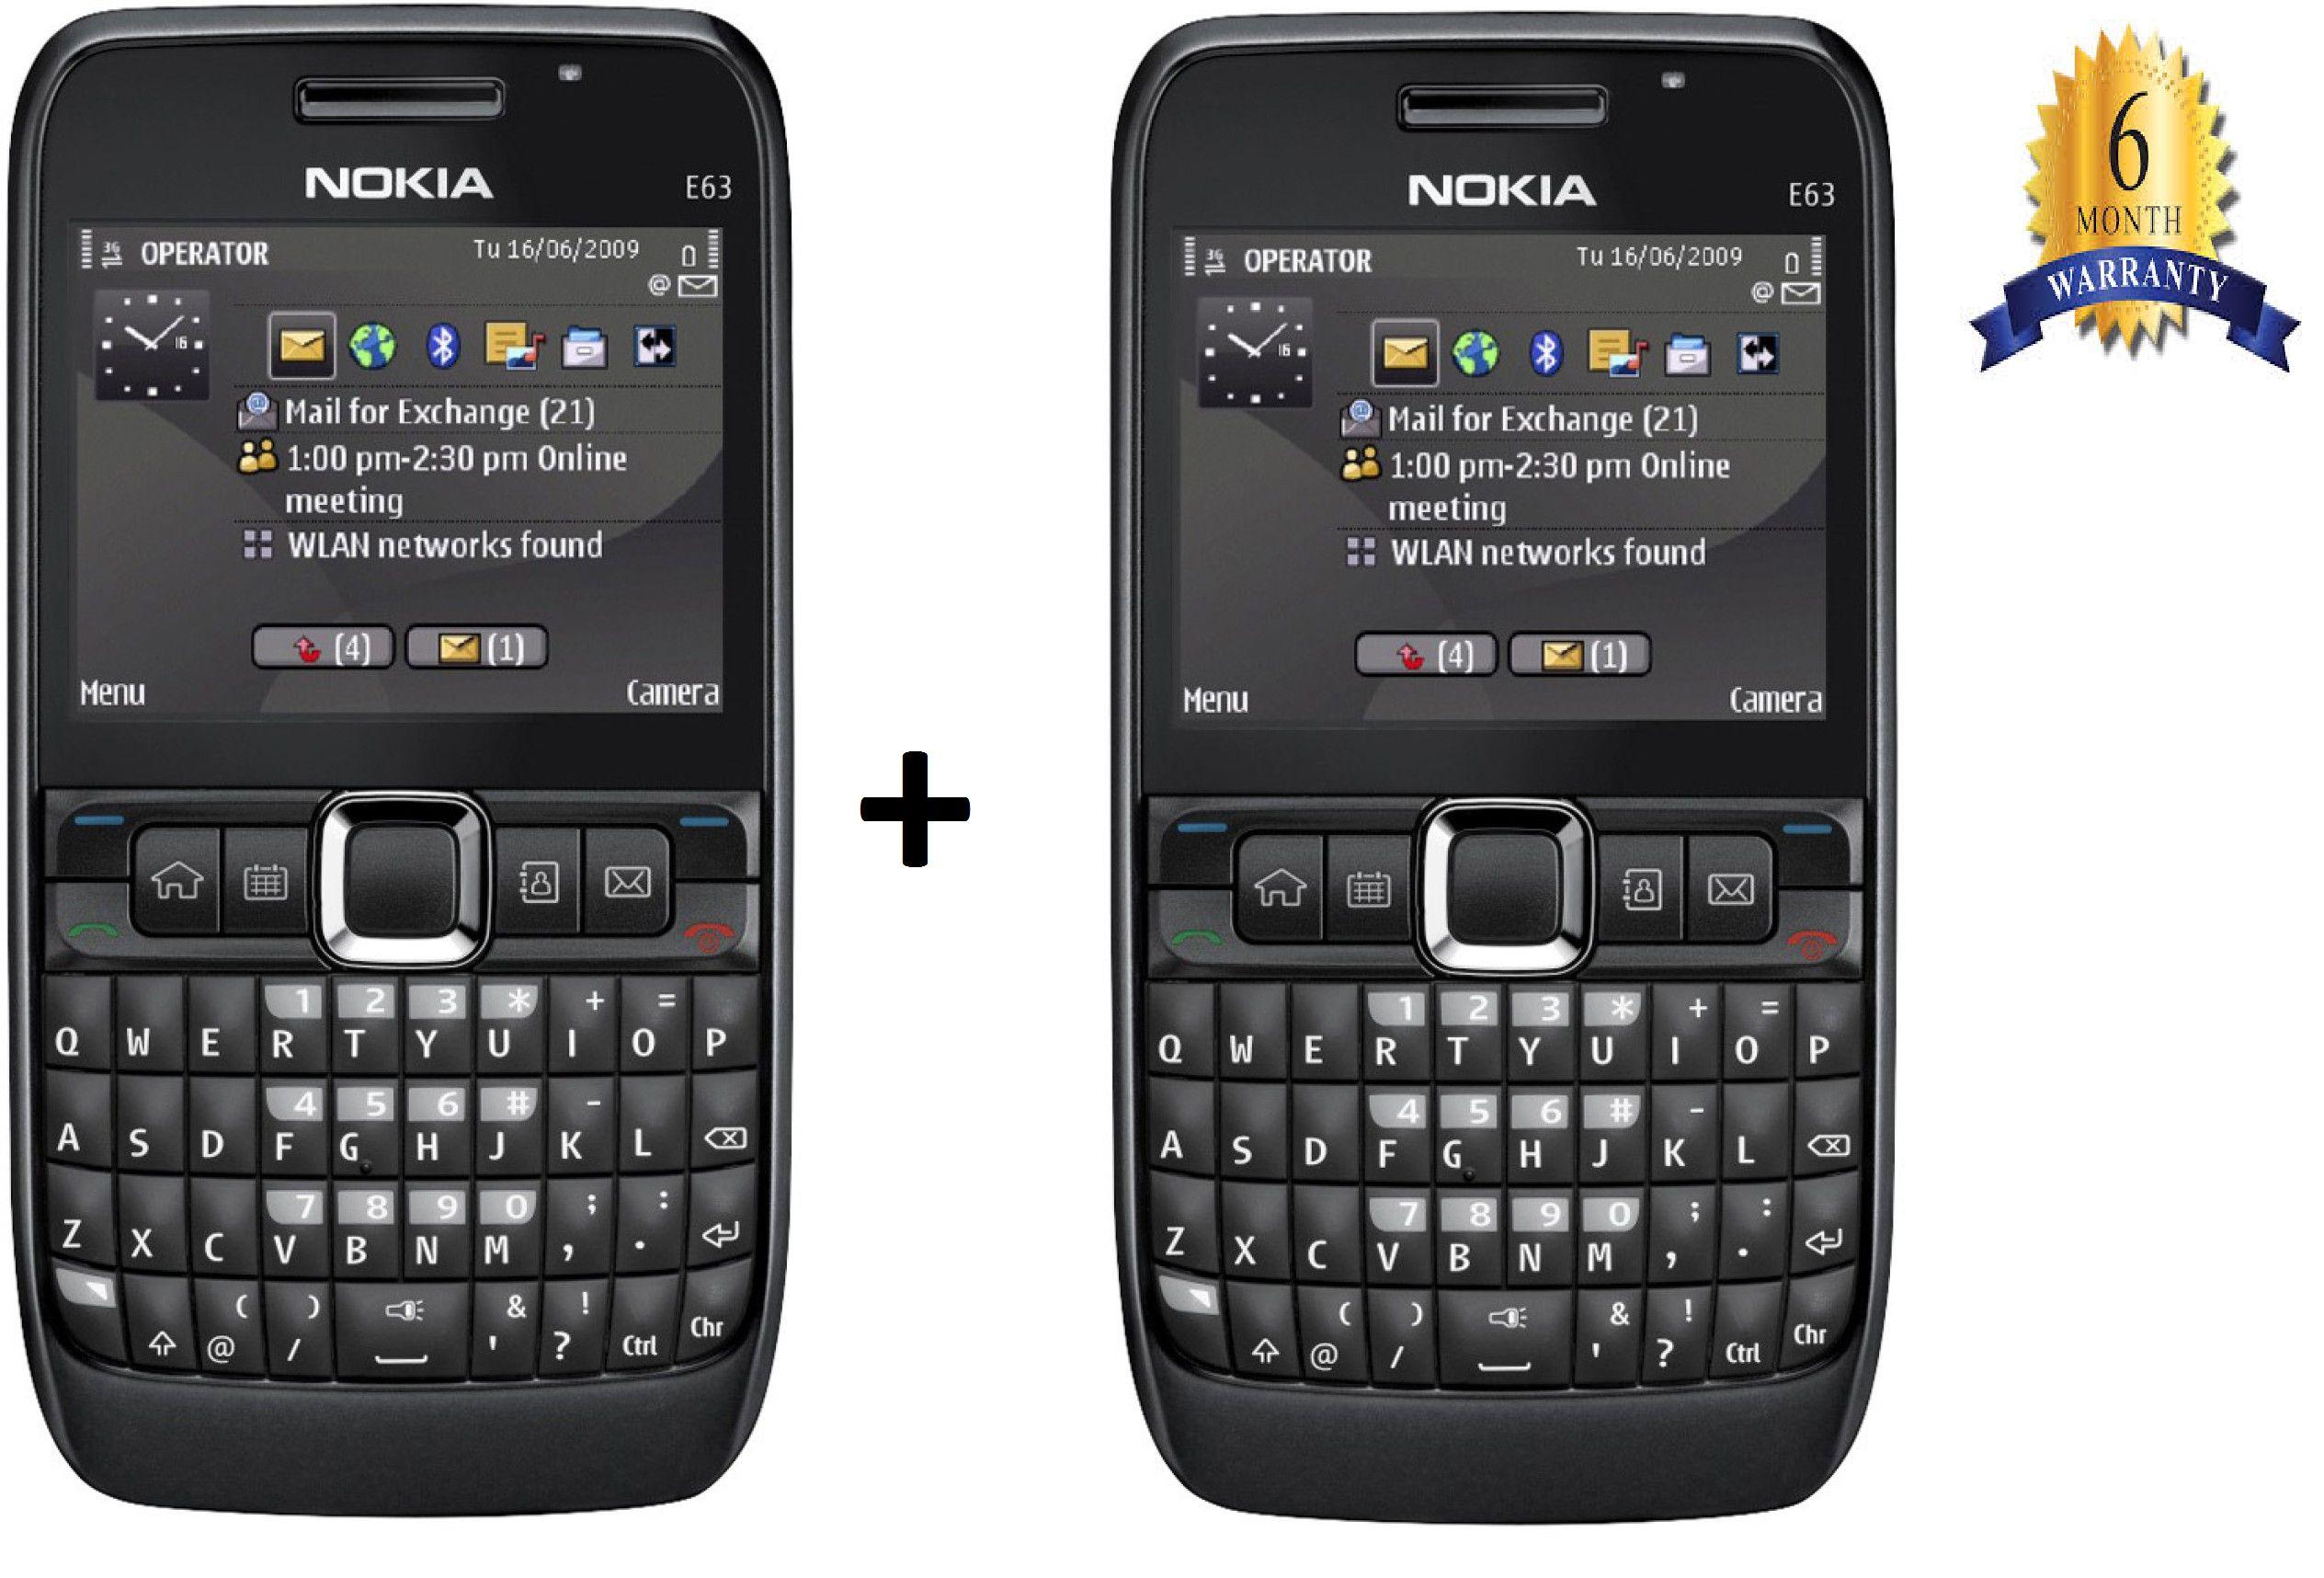 Camolinz Buy Nokia E63 Get Nokia E63 Black